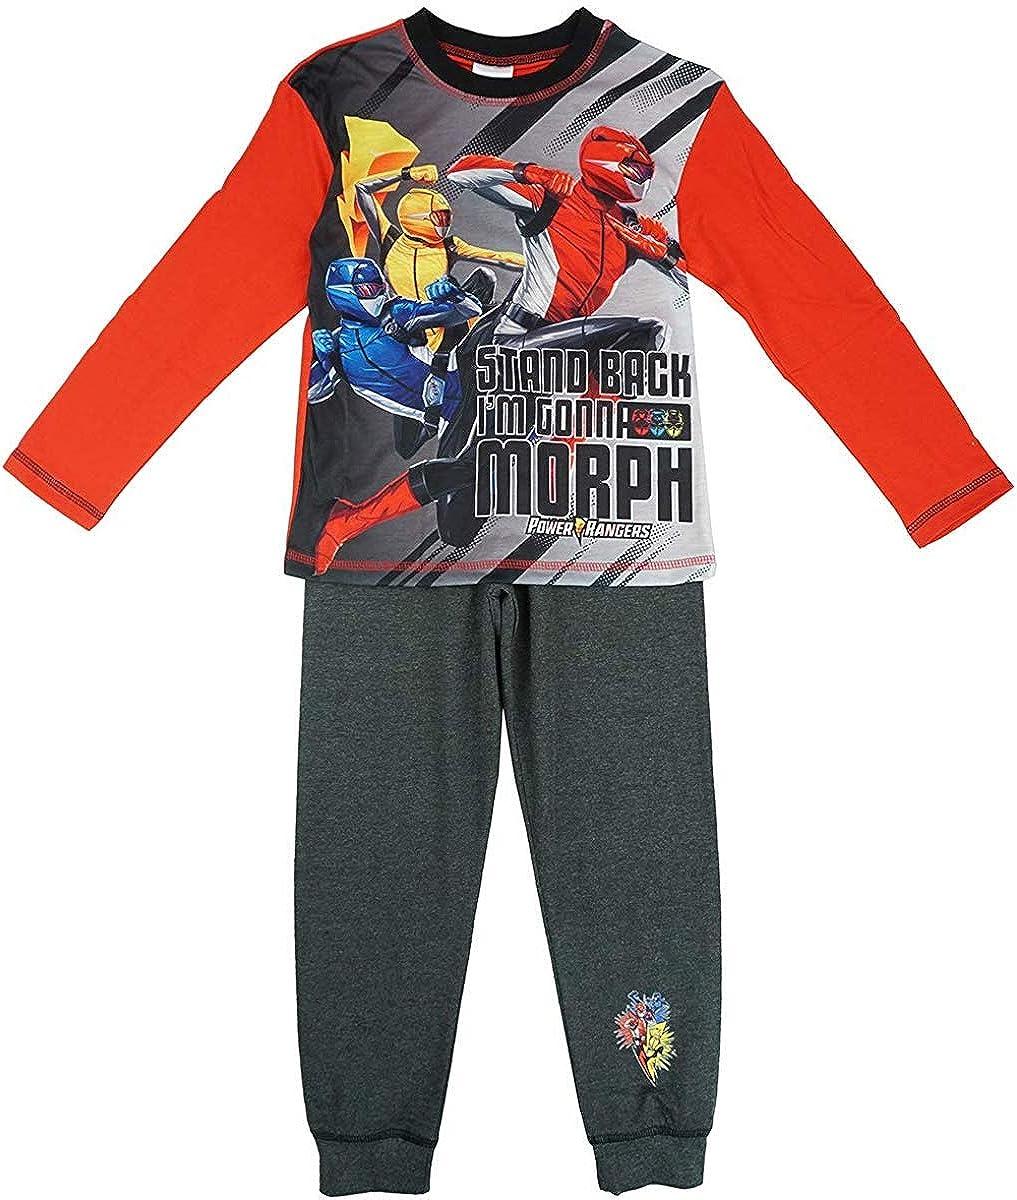 Taglie da 4 a 10 Anni Pigiama Ufficiale Power Rangers Stand Back Im Gonna Morph